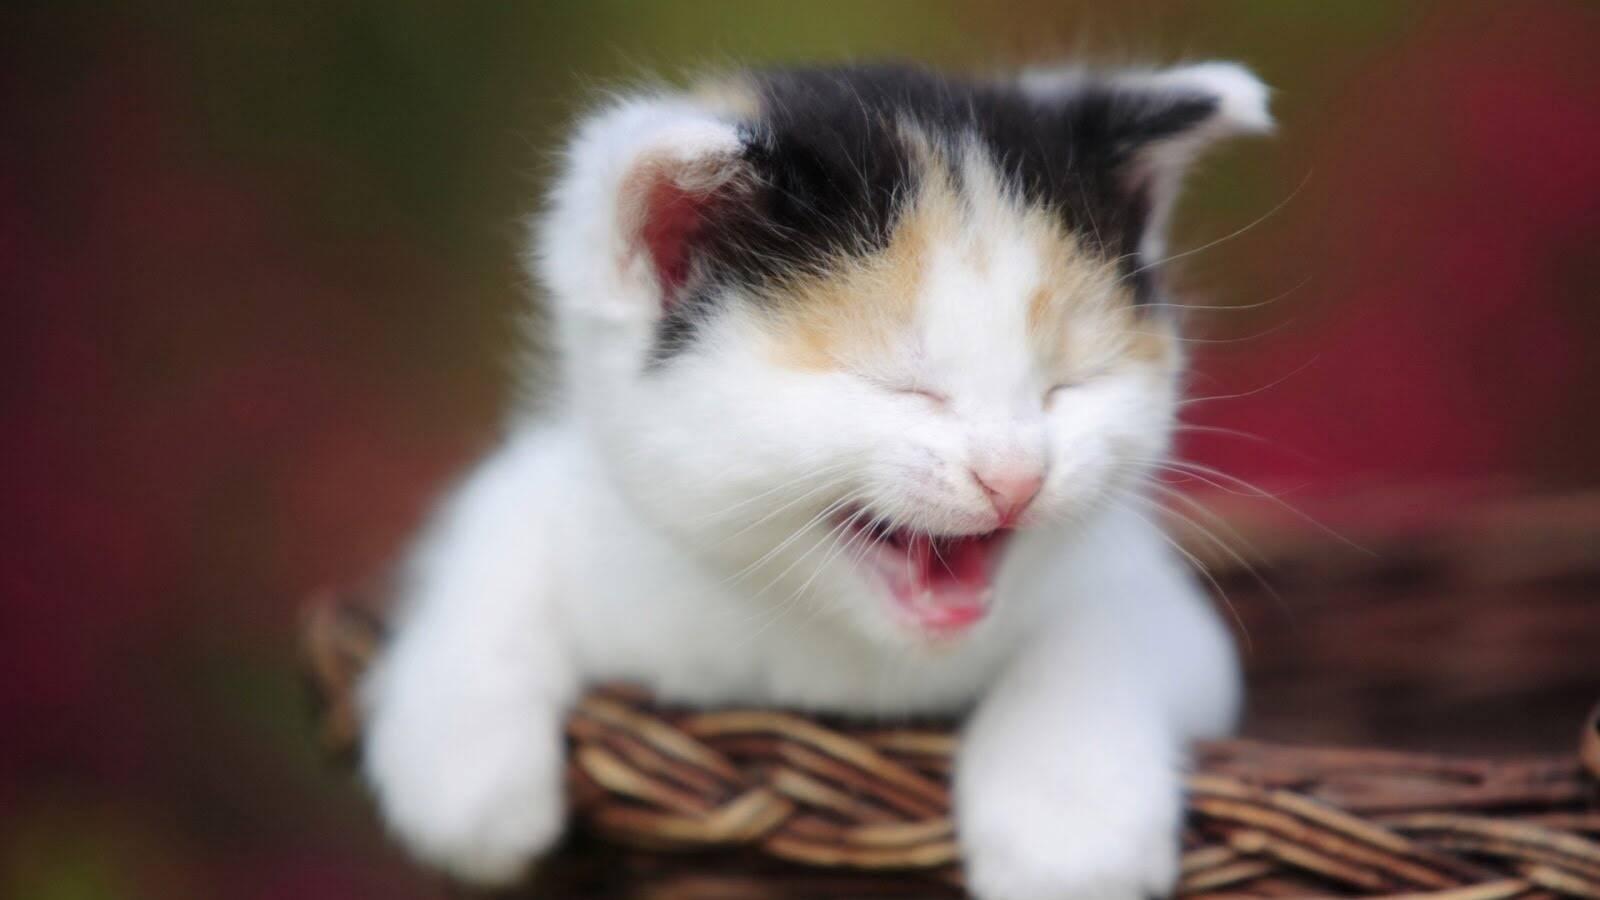 Komik kedi videoları neden bu kadar çok izleniyor?